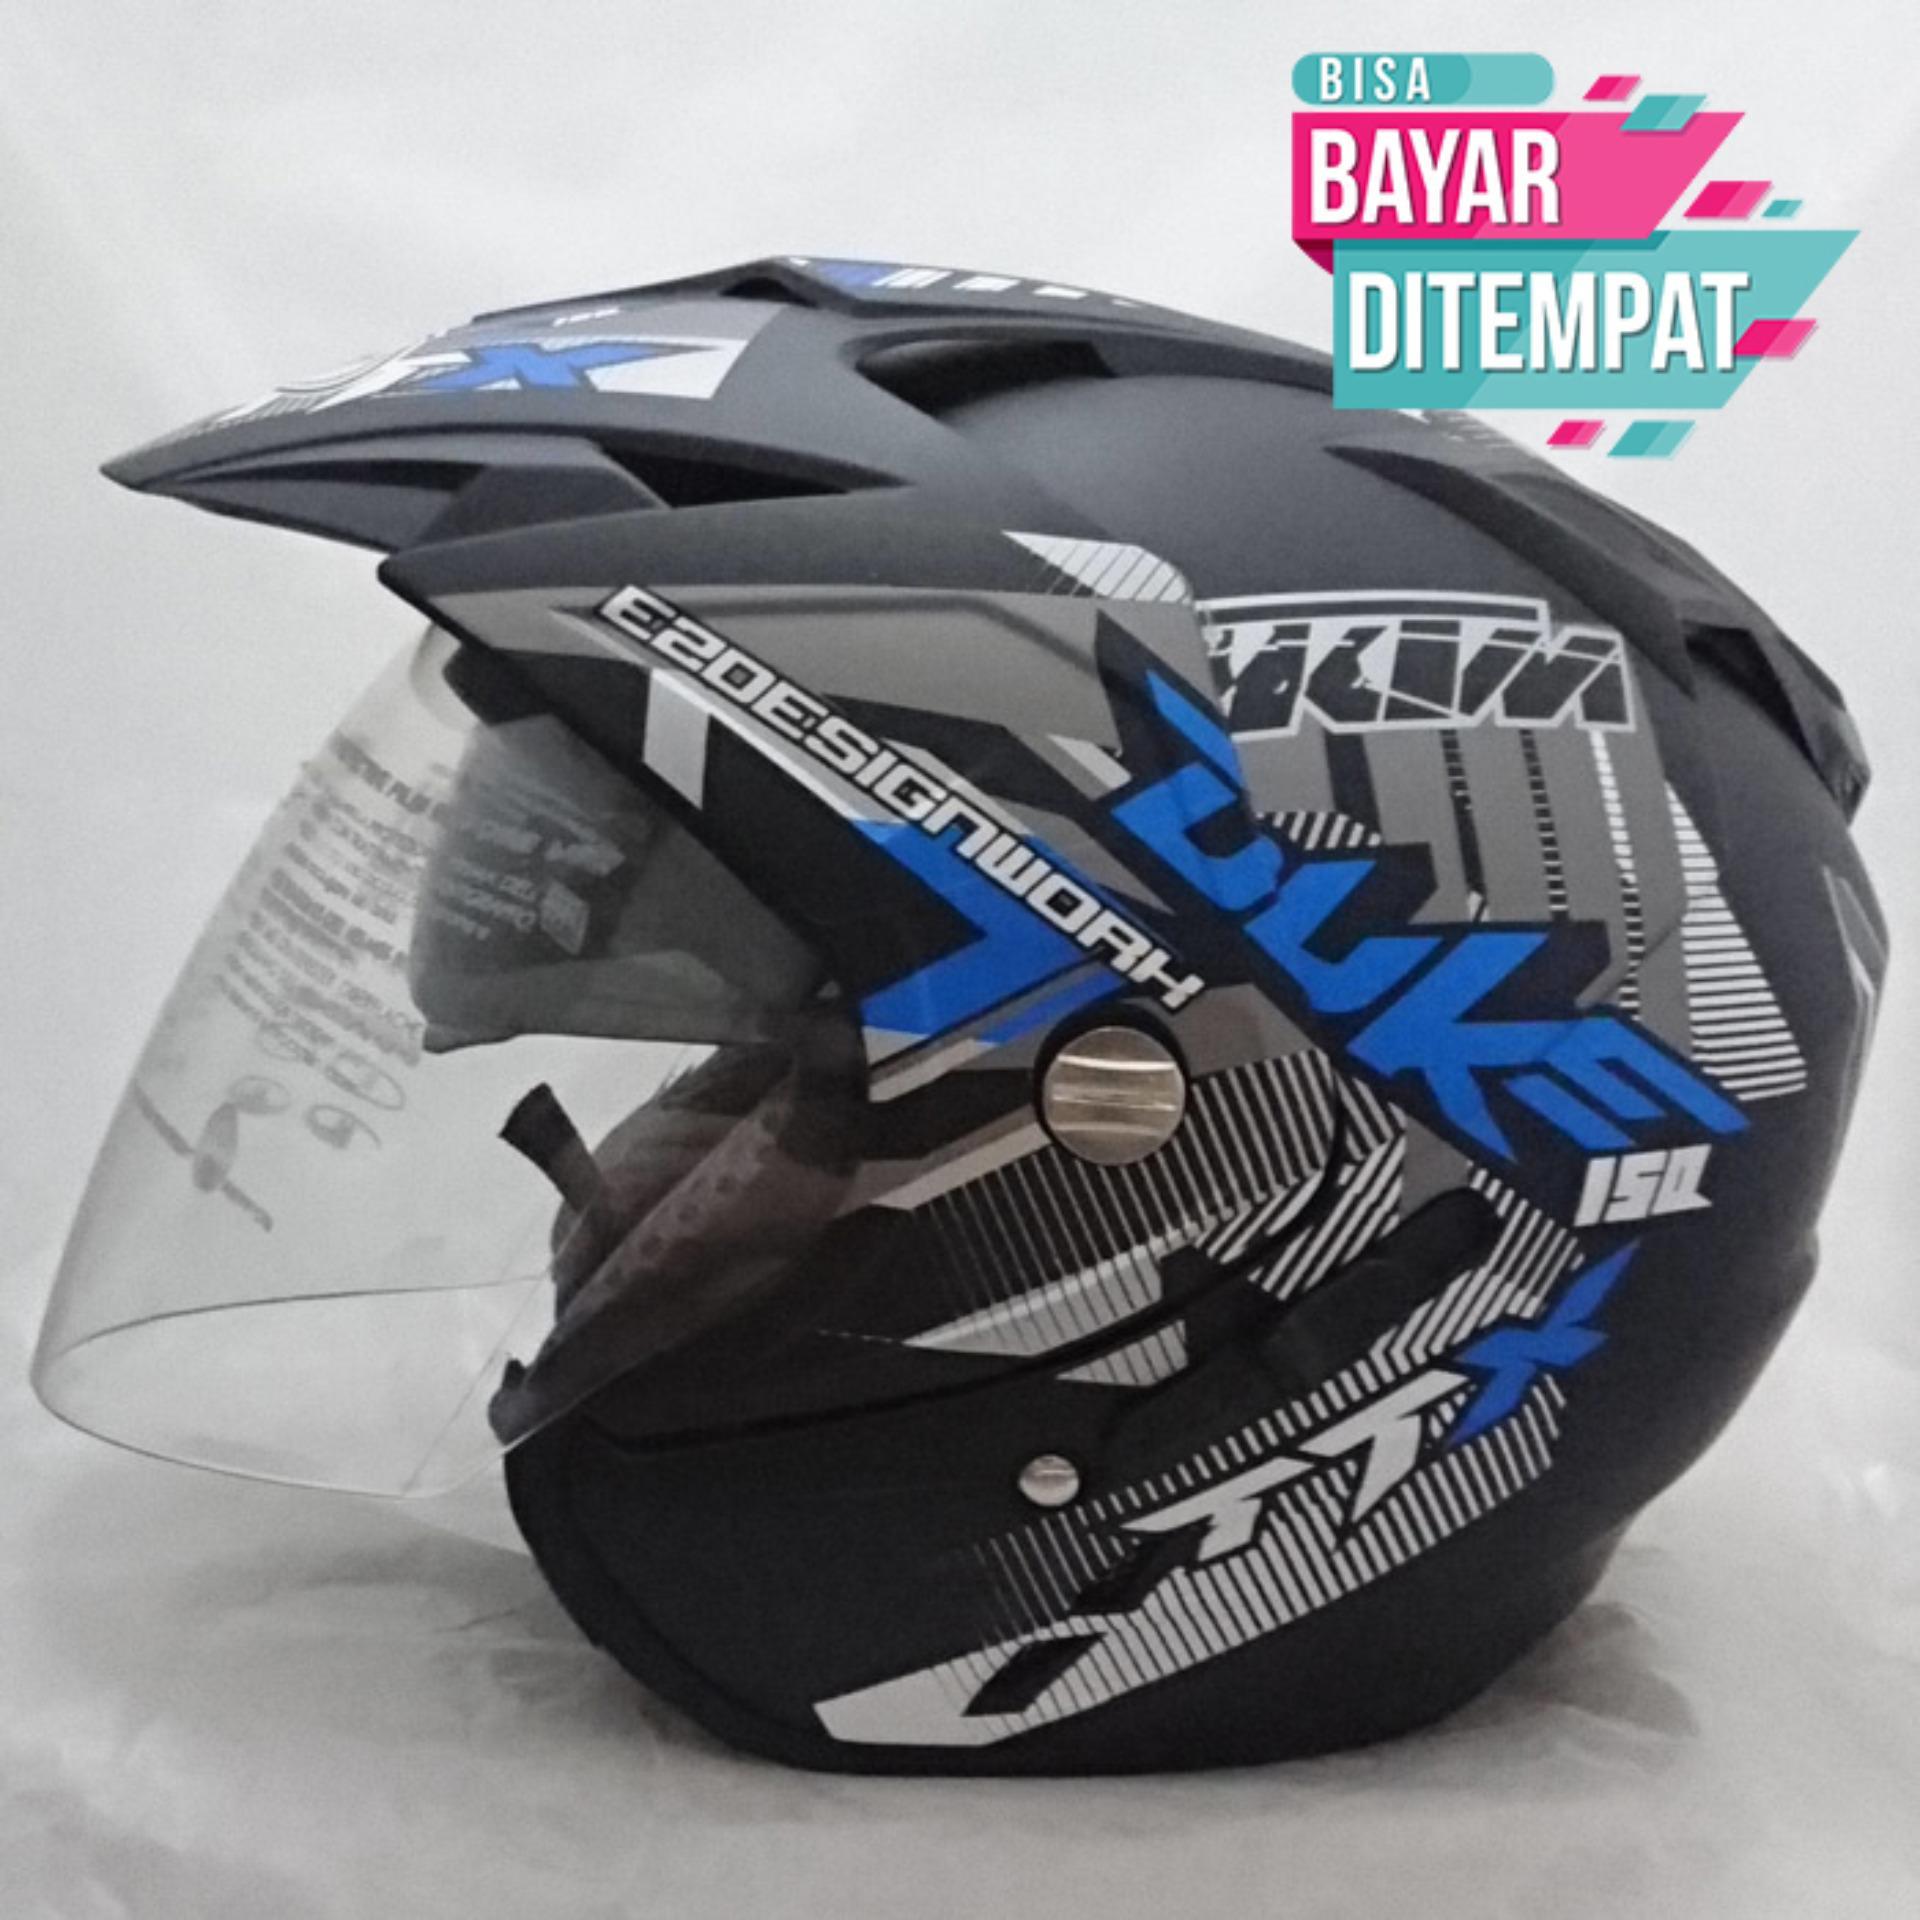 Flash Sale Gratis Ongkir Bisa Bayar ditempat Gratis packing 1 Box Khusus -  Helmet DMN BXP 14d596cbea